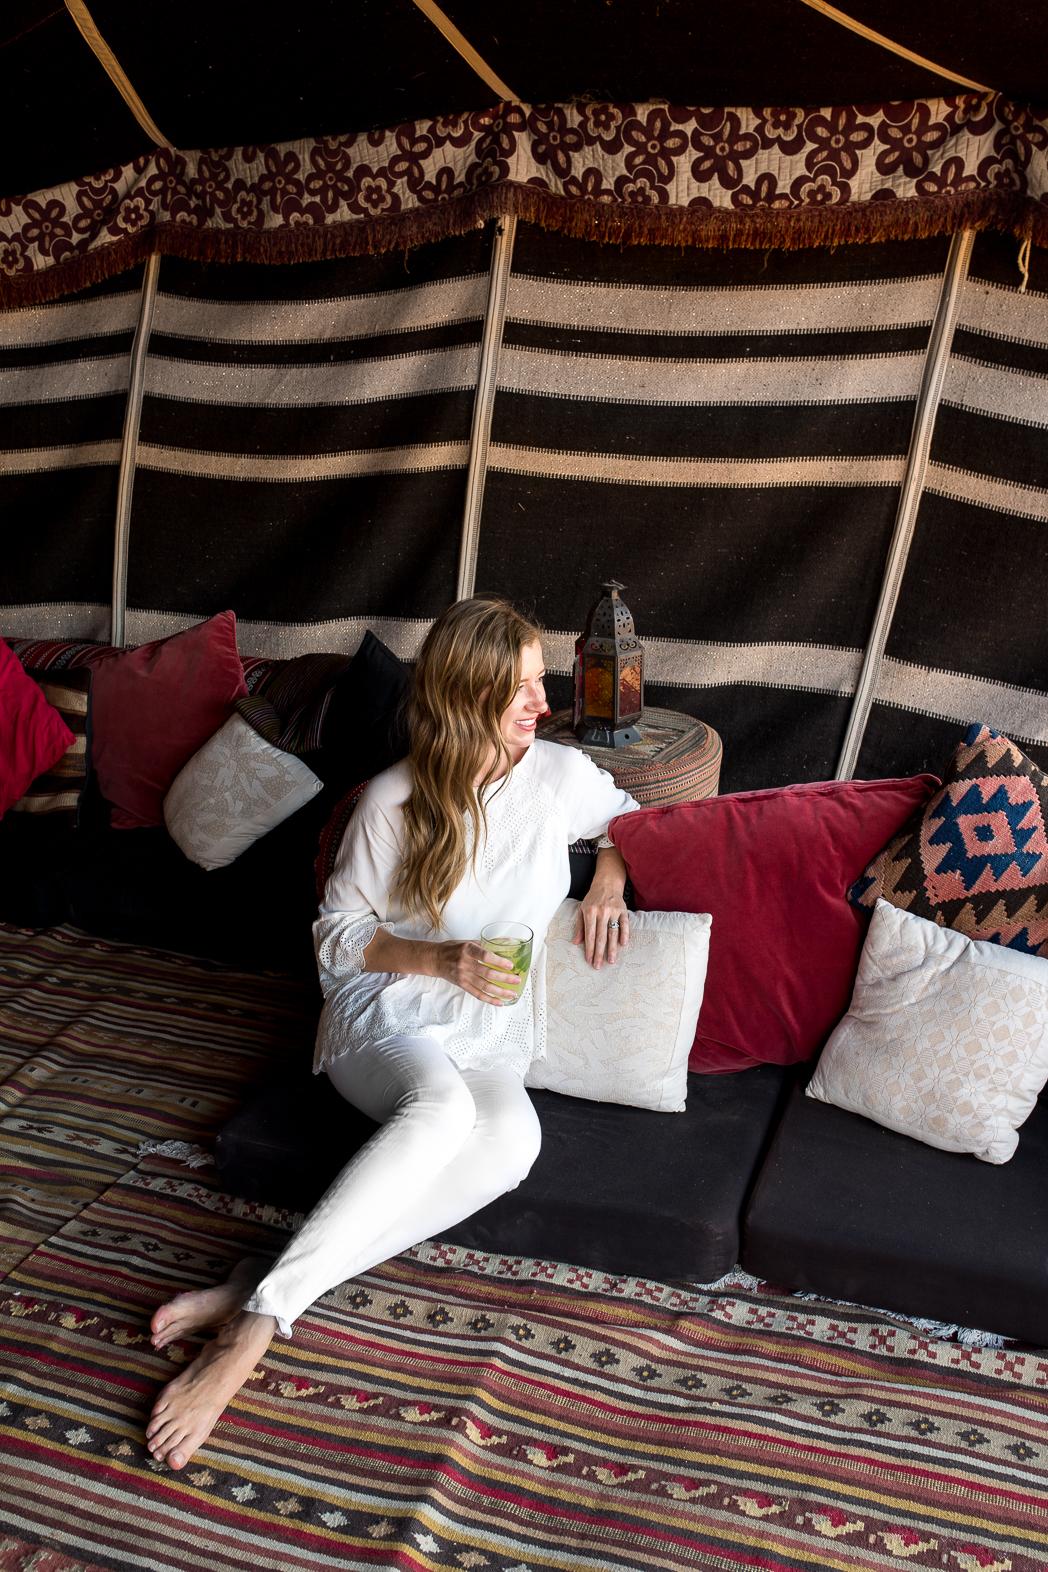 Stacie Flinner Hud Hud Travels Glamping Oman-2.jpg